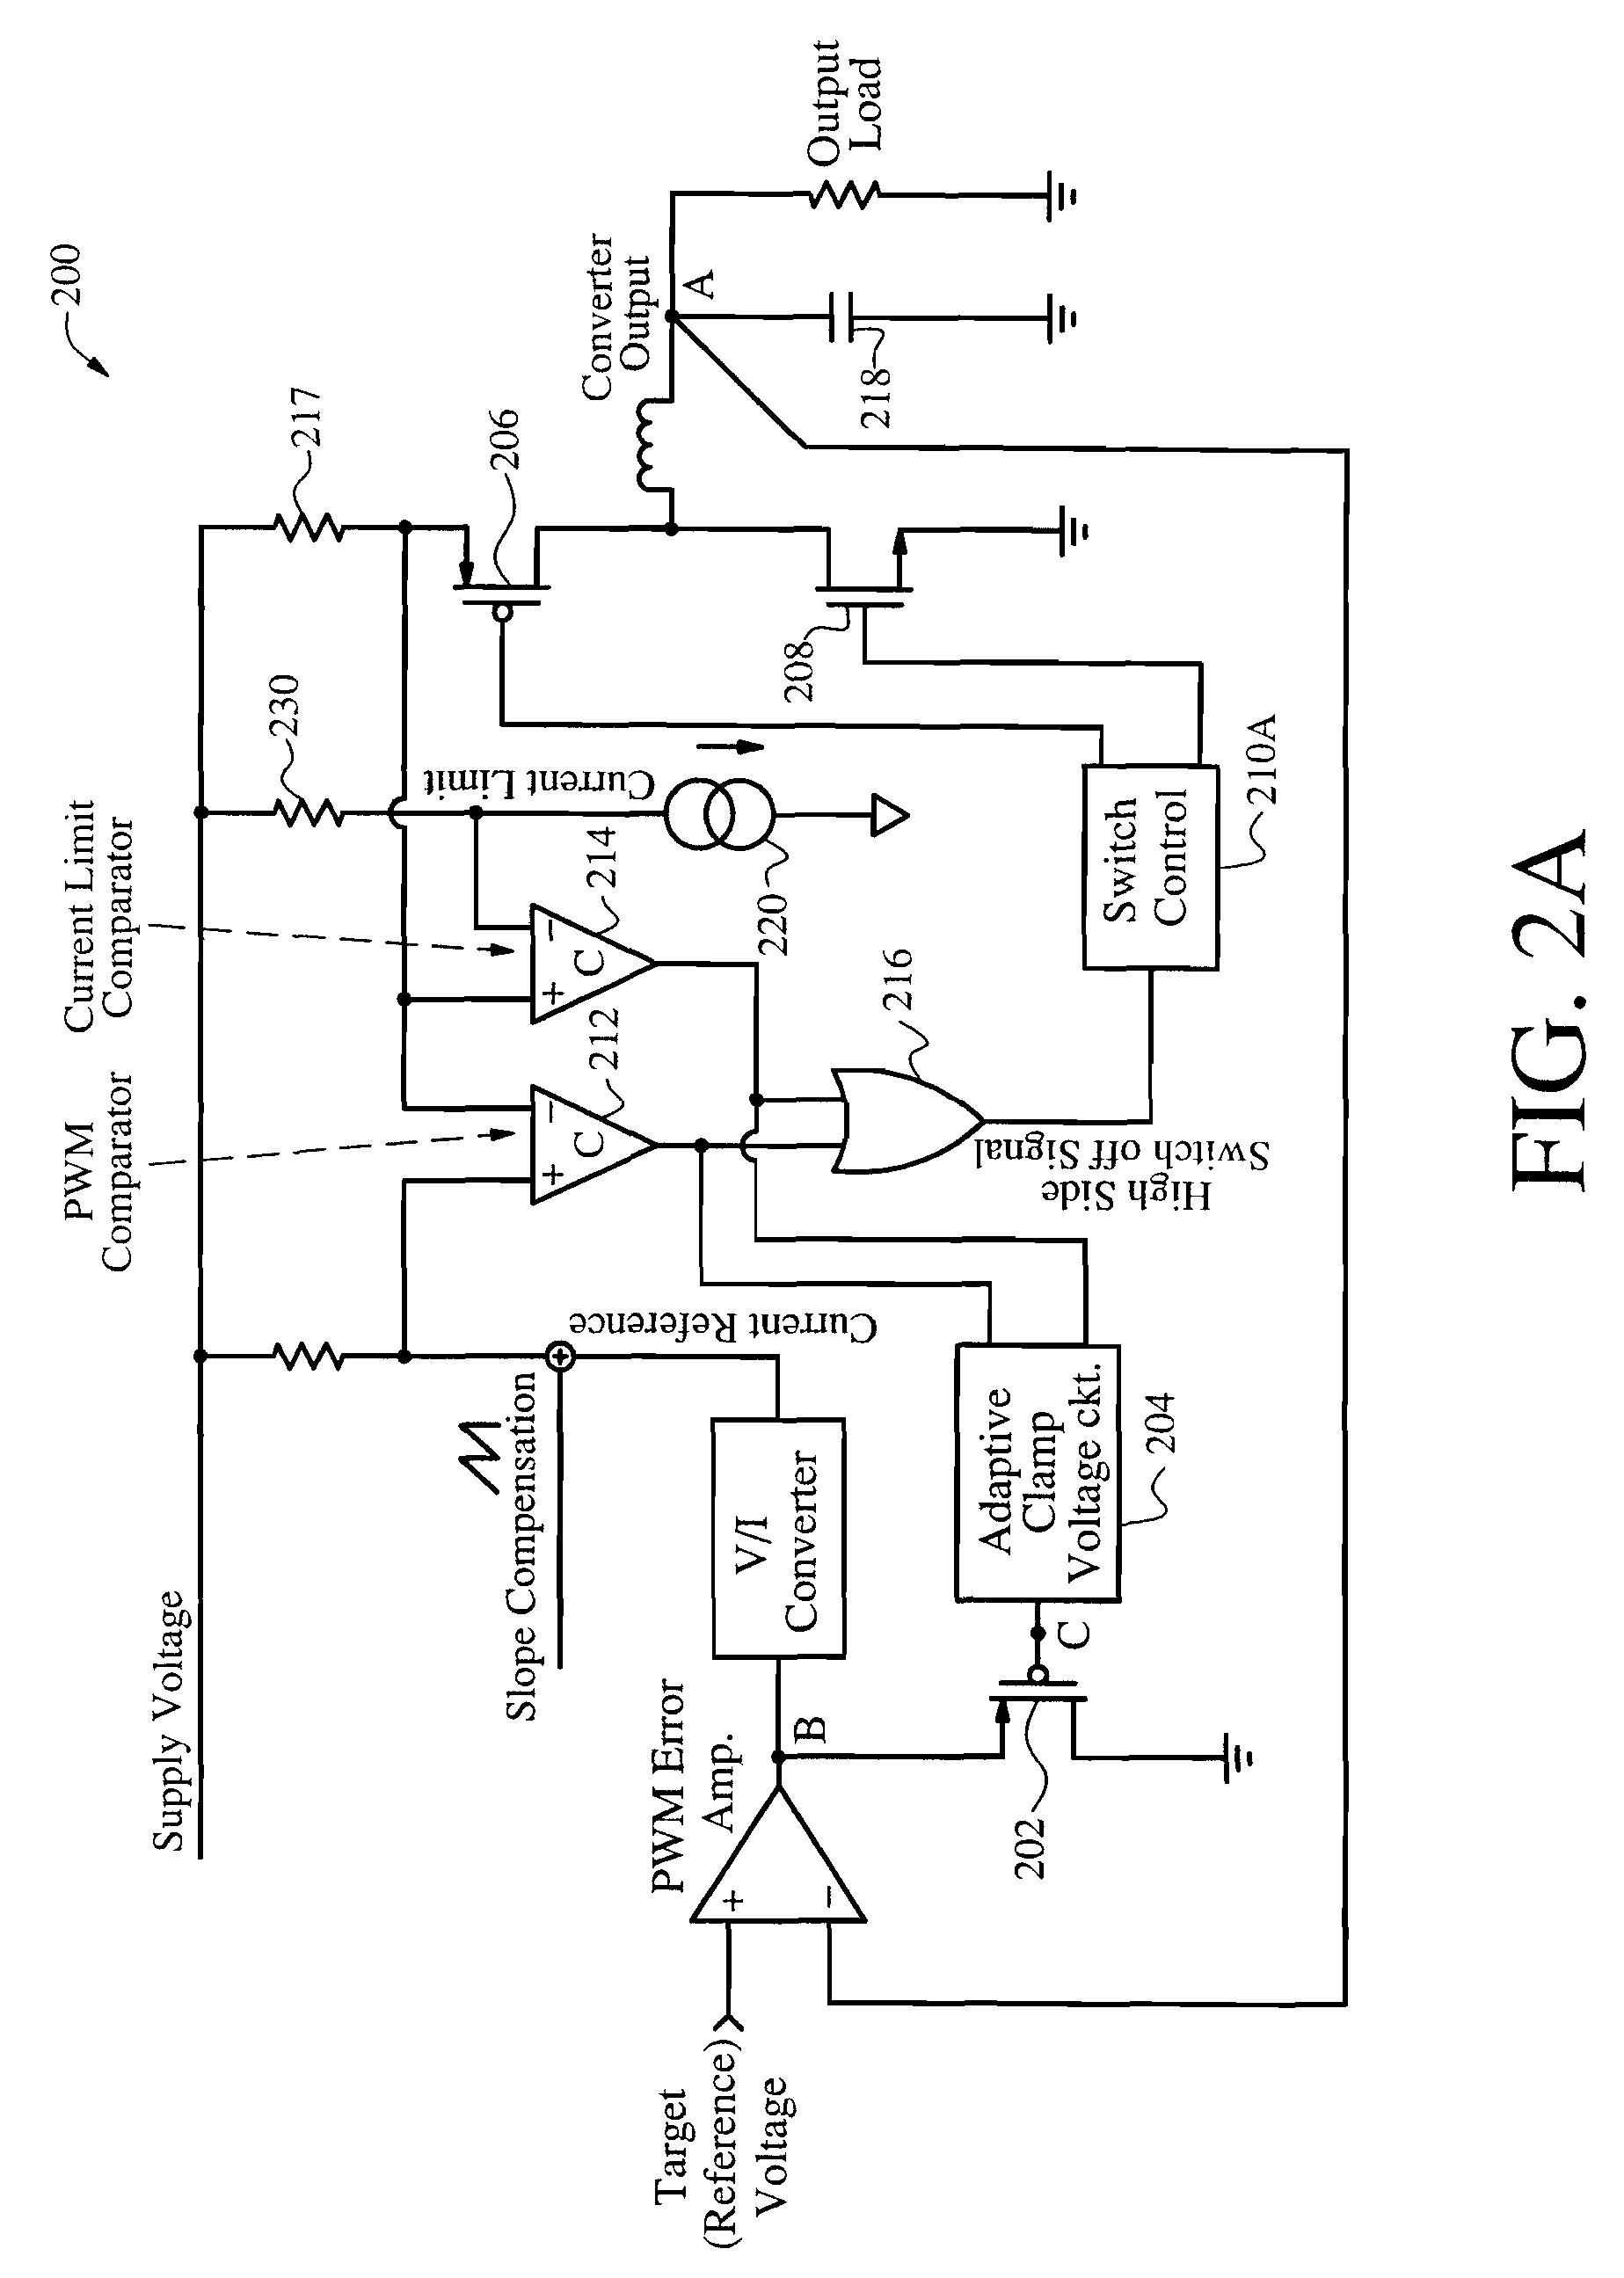 patent us7518348